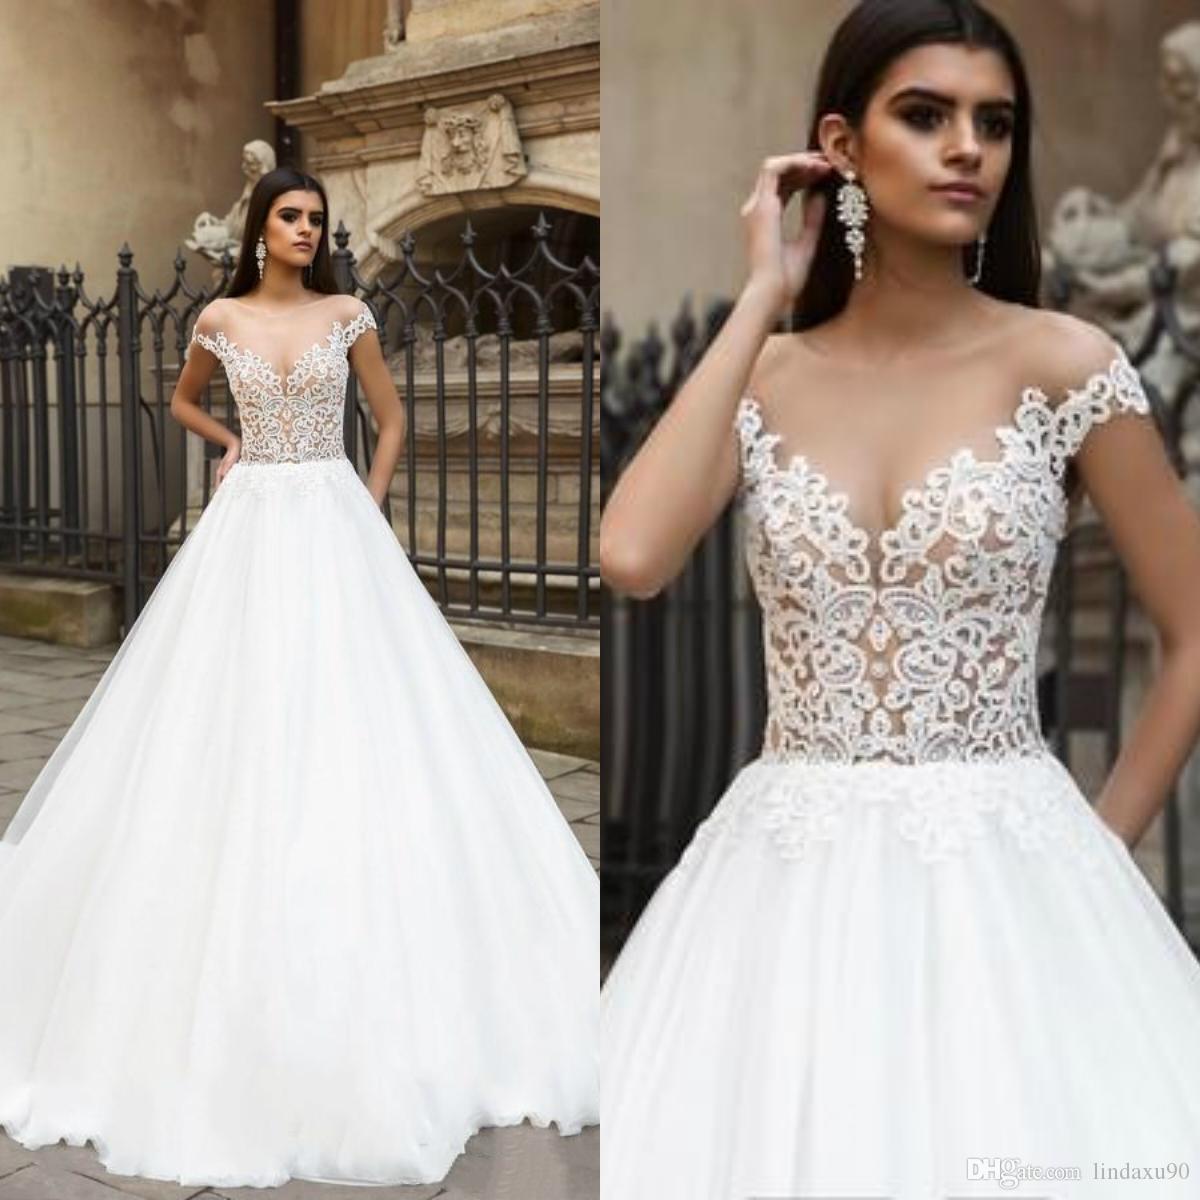 Semplice 2019 Beach Abiti da sposa pura della protezione del collo merletto del manicotto Boho Abiti da sposa sexy sweep treno Plus Size abito da sposa